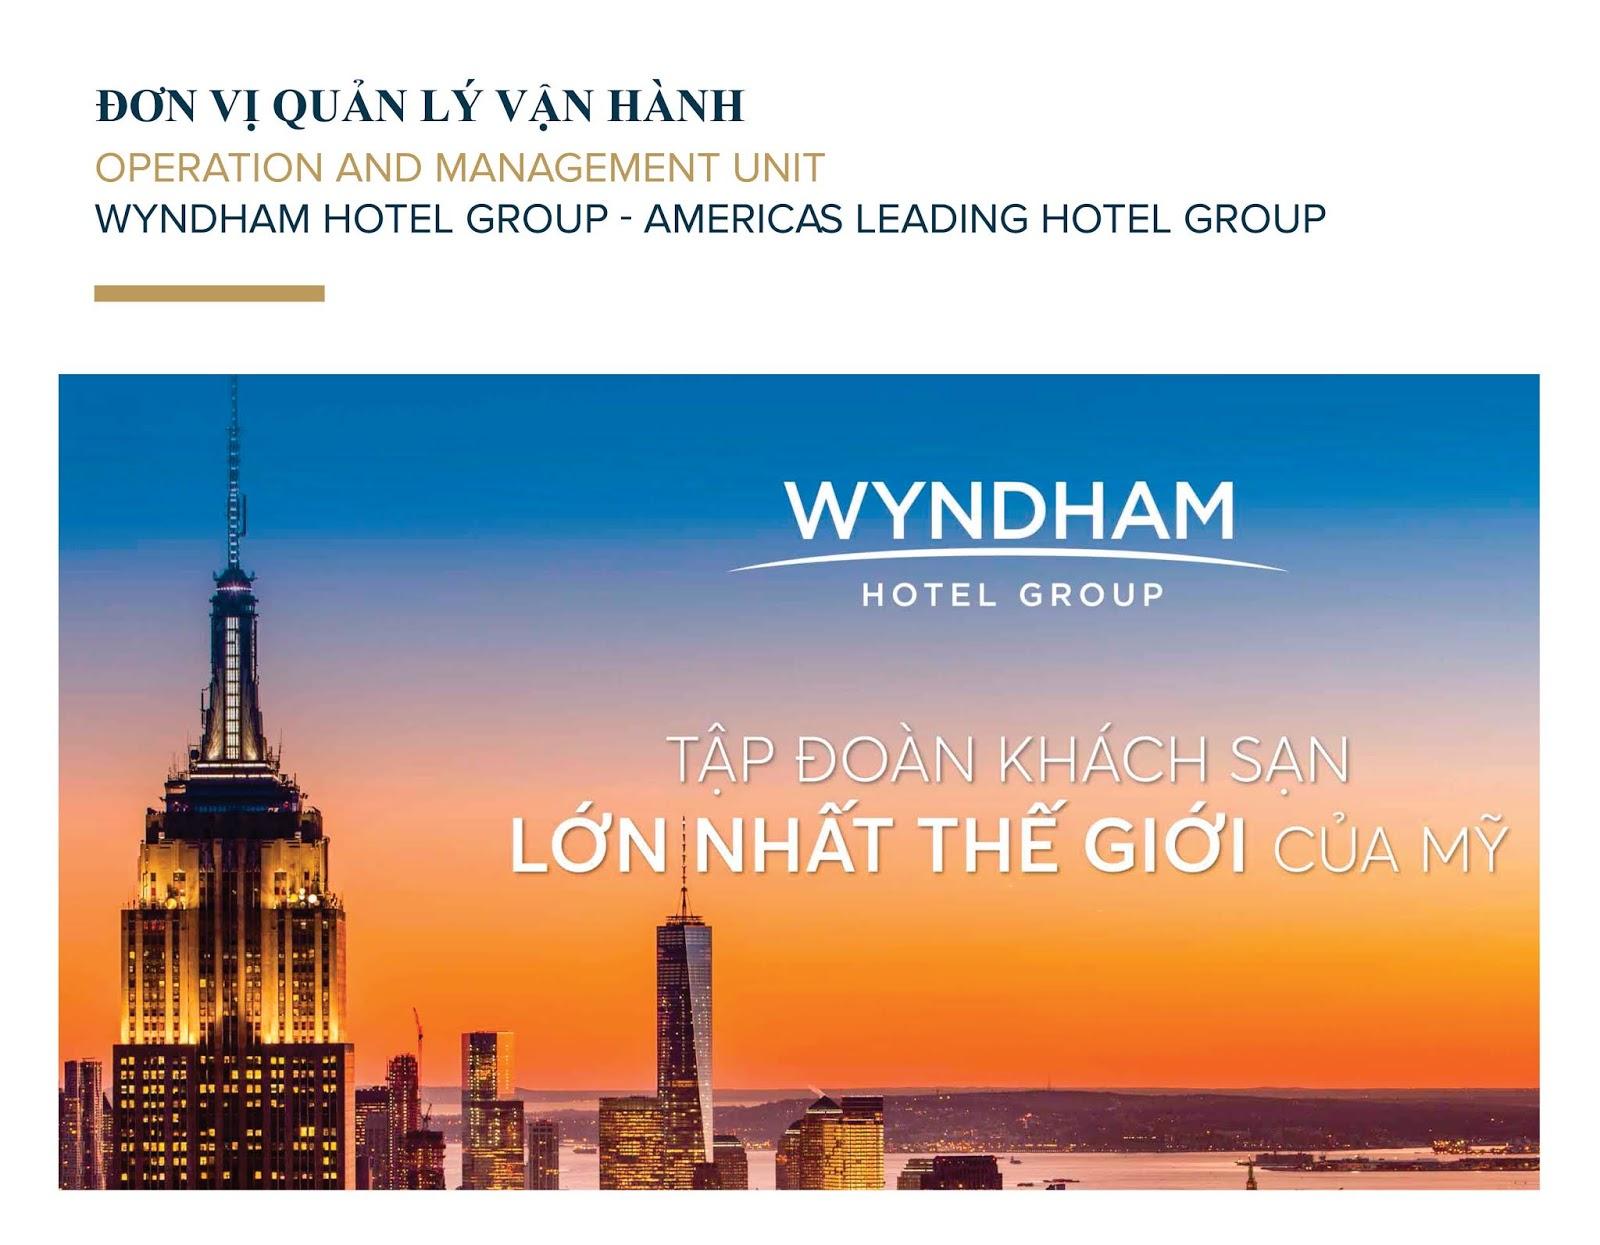 Đơn vị nào quản lý và vận hành Wyndham Lynn Times Thanh Thủy?